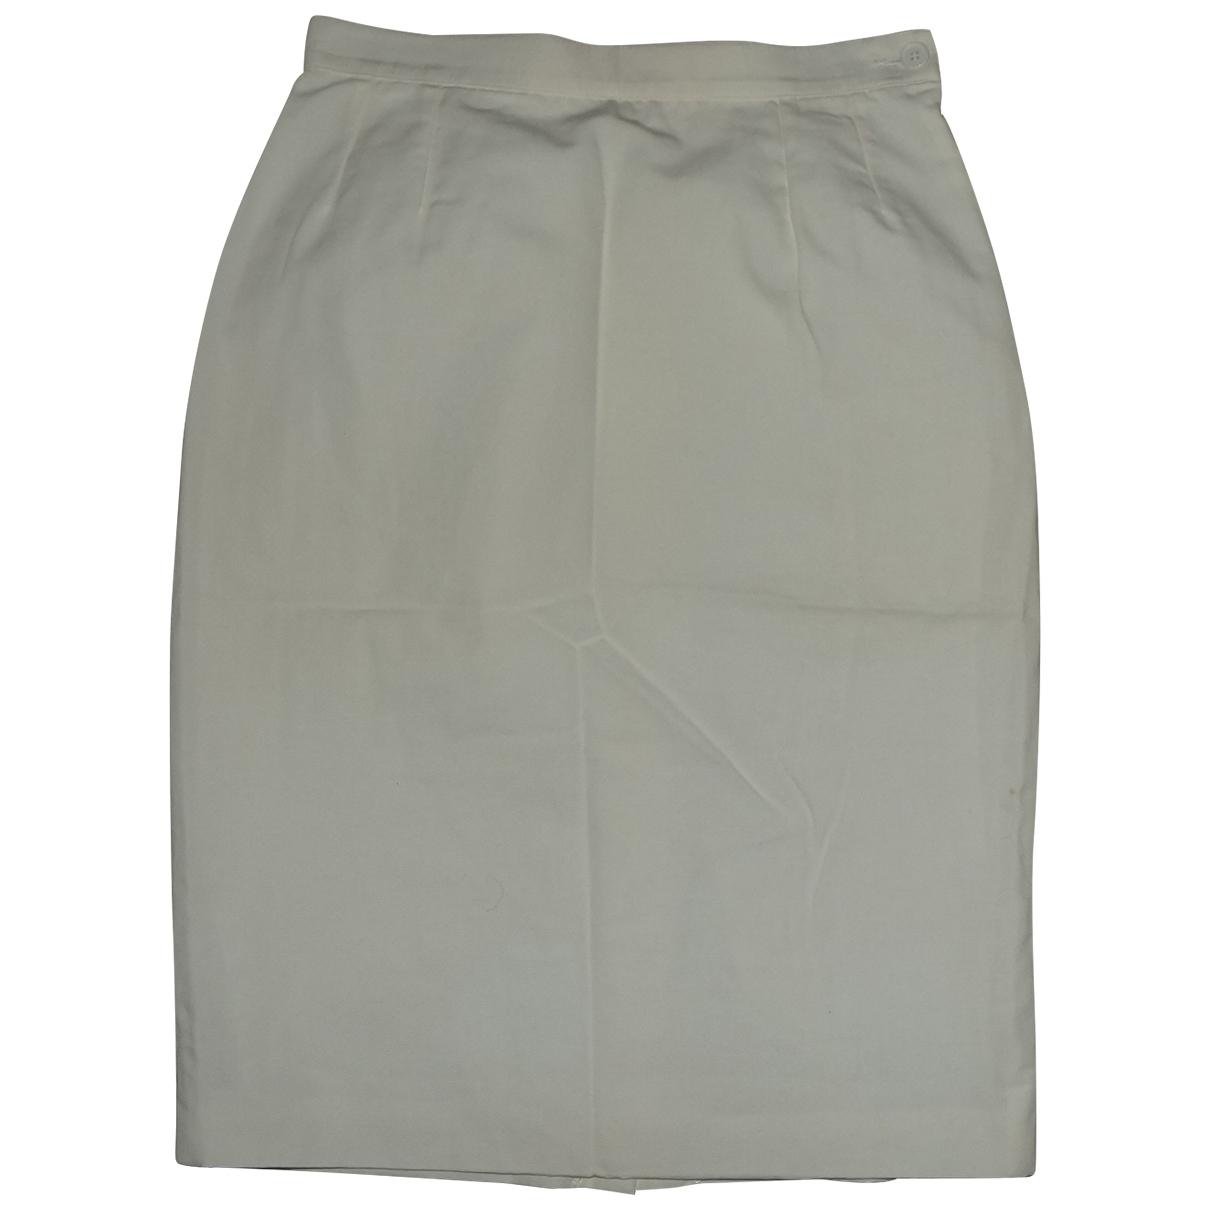 Yves Saint Laurent - Jupe   pour femme en coton